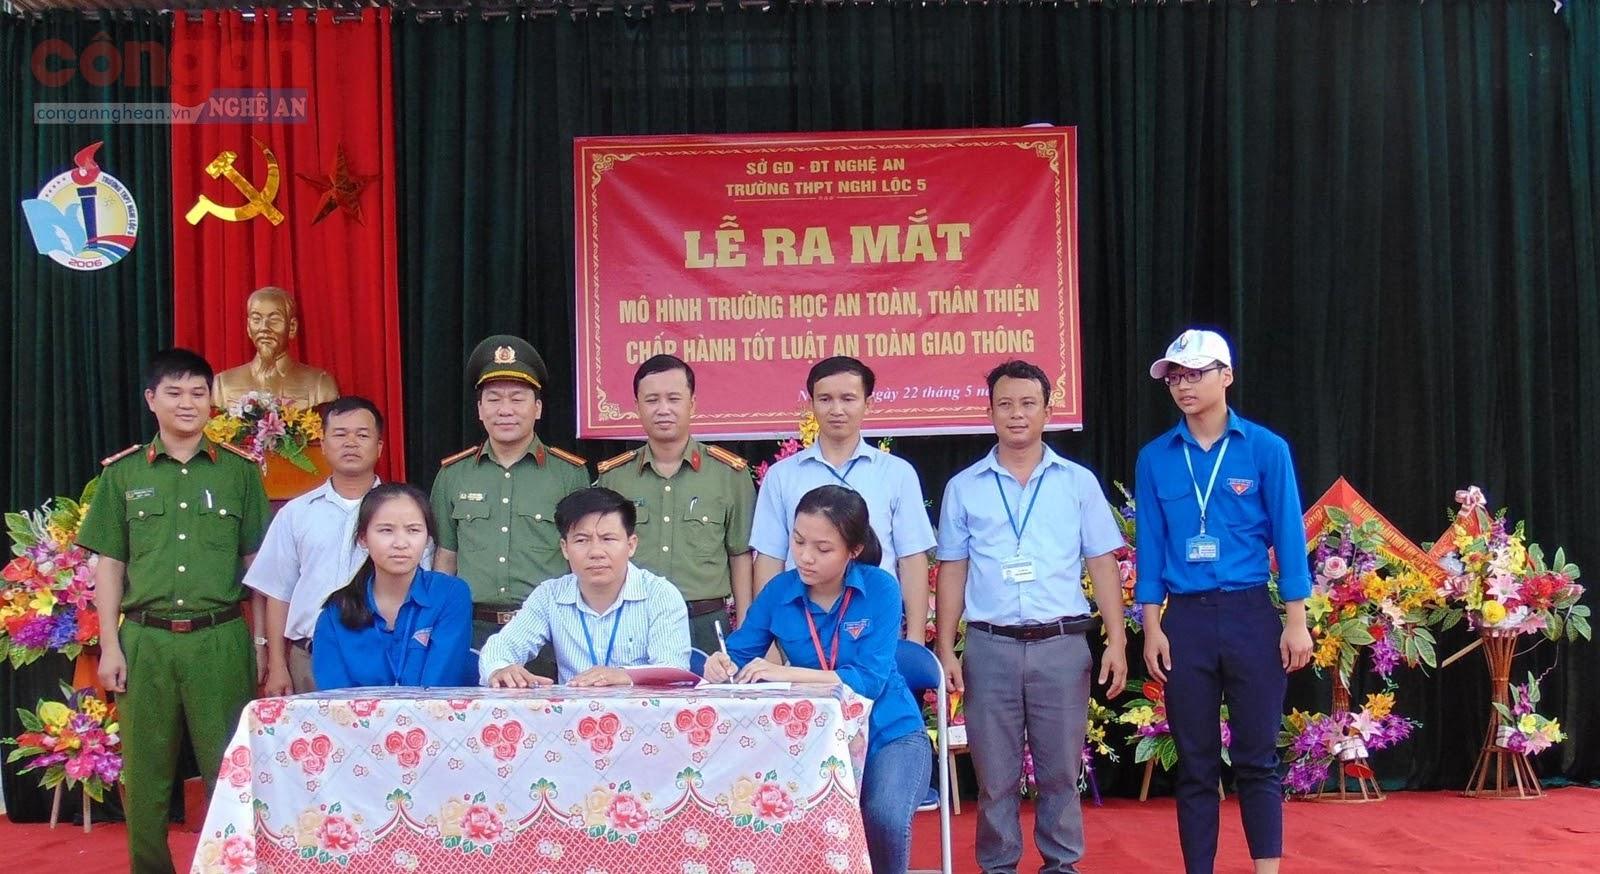 """Tổ chức Công đoàn và học sinh trường THPT Nghi Lộc 5,            ký cam kết thực hiện mô hình """"Trường học an toàn,                  thân thiện, chấp hành luật giao thông"""""""